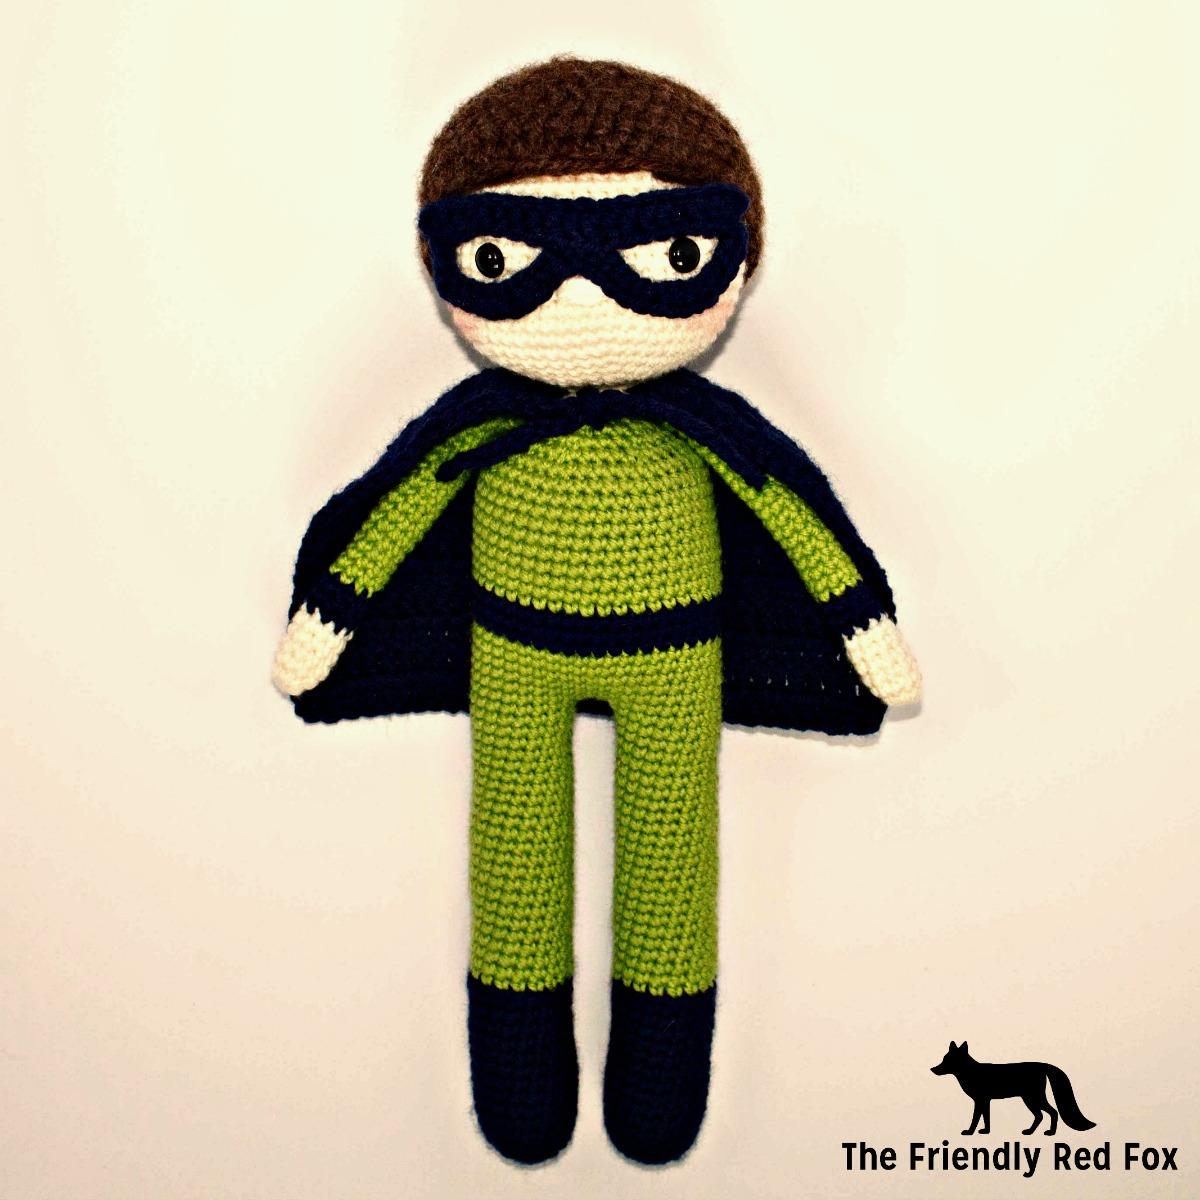 Amigurumi spiderman crochet pattern | Patrones amigurumi ... | 1200x1200